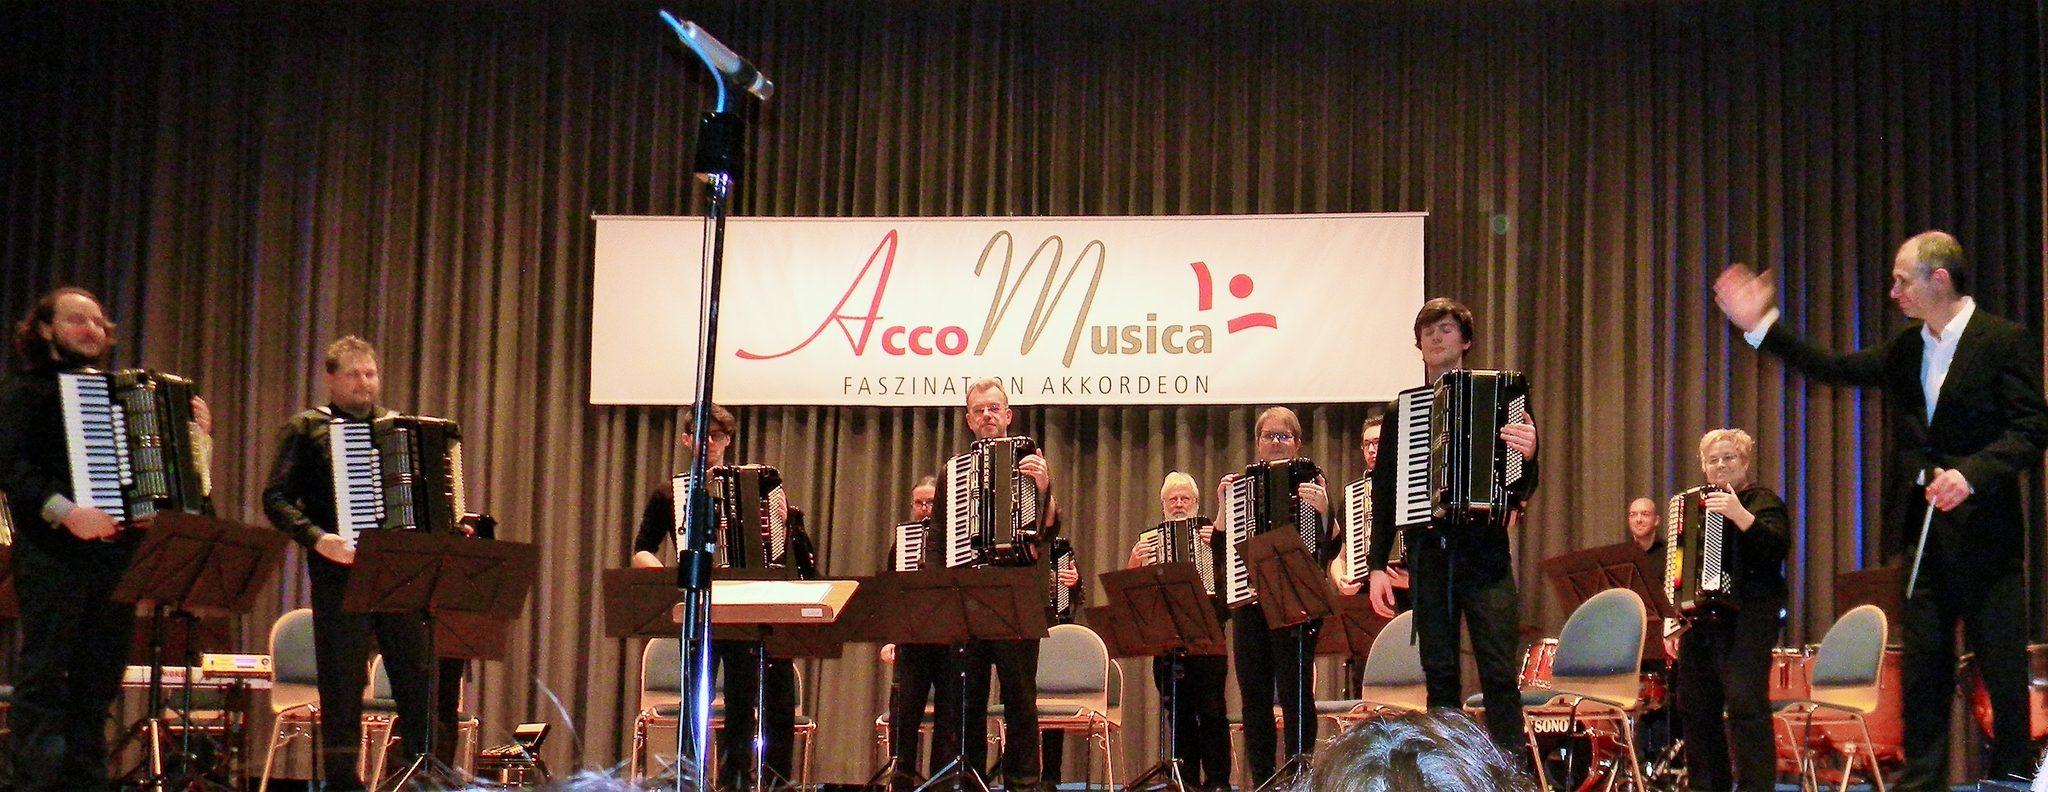 Das 1. Orchester von AccoMusica mit dem Dirigenten Uwe Müller